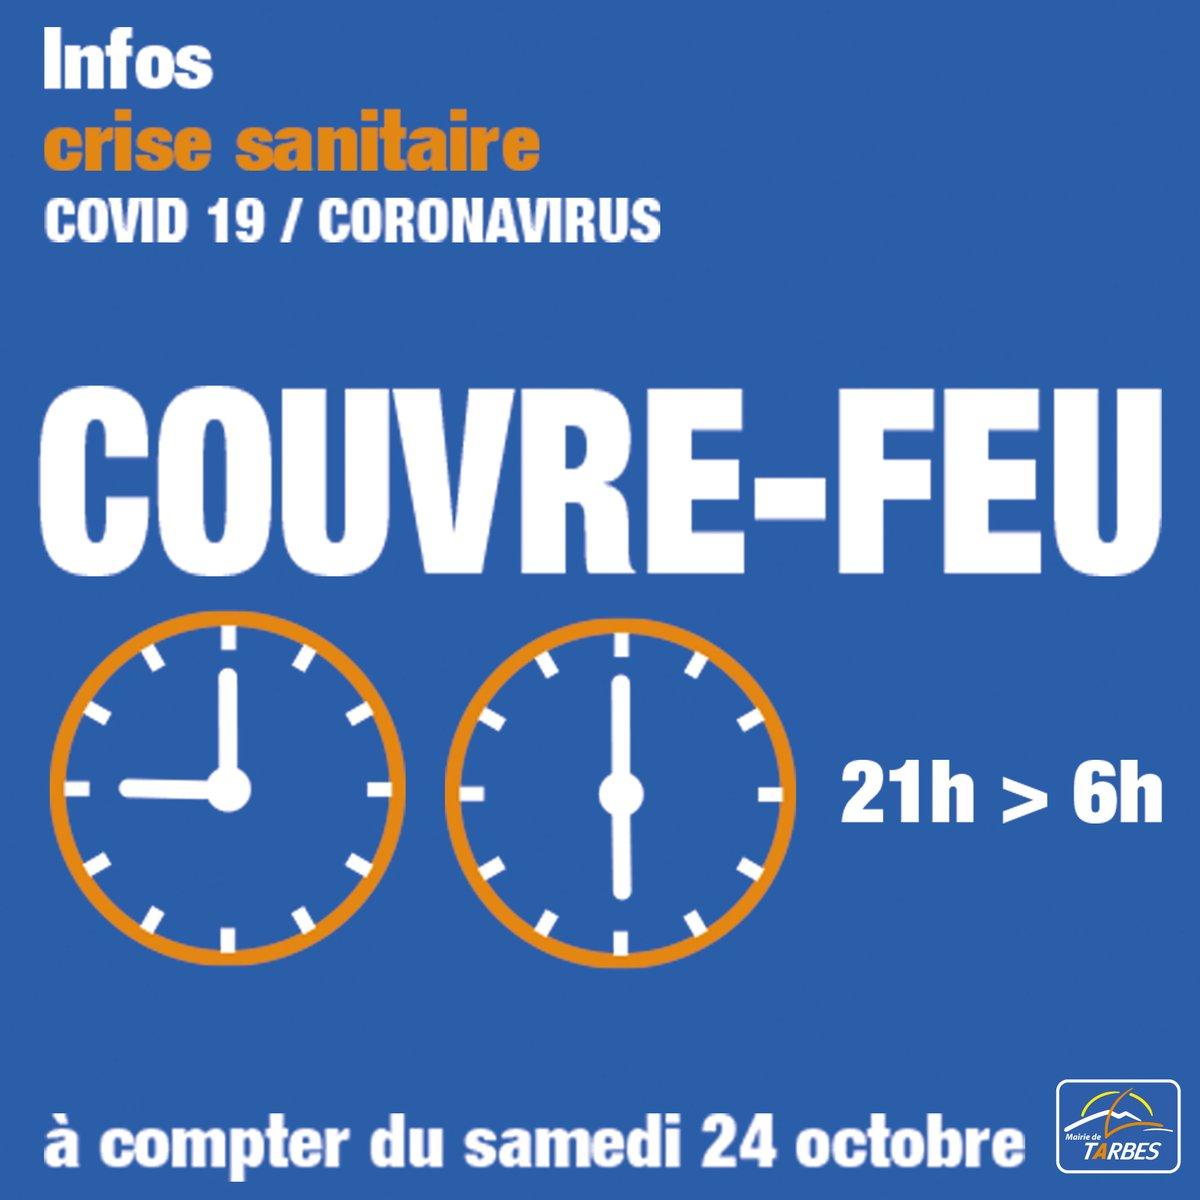 [RAPPEL] 🚨 #COVID19 #CouvreFeu21h #Tarbes Télécharger l'attestation dérogatoire👇  https://t.co/mkDFYULSxS https://t.co/4QsXLmOJmP